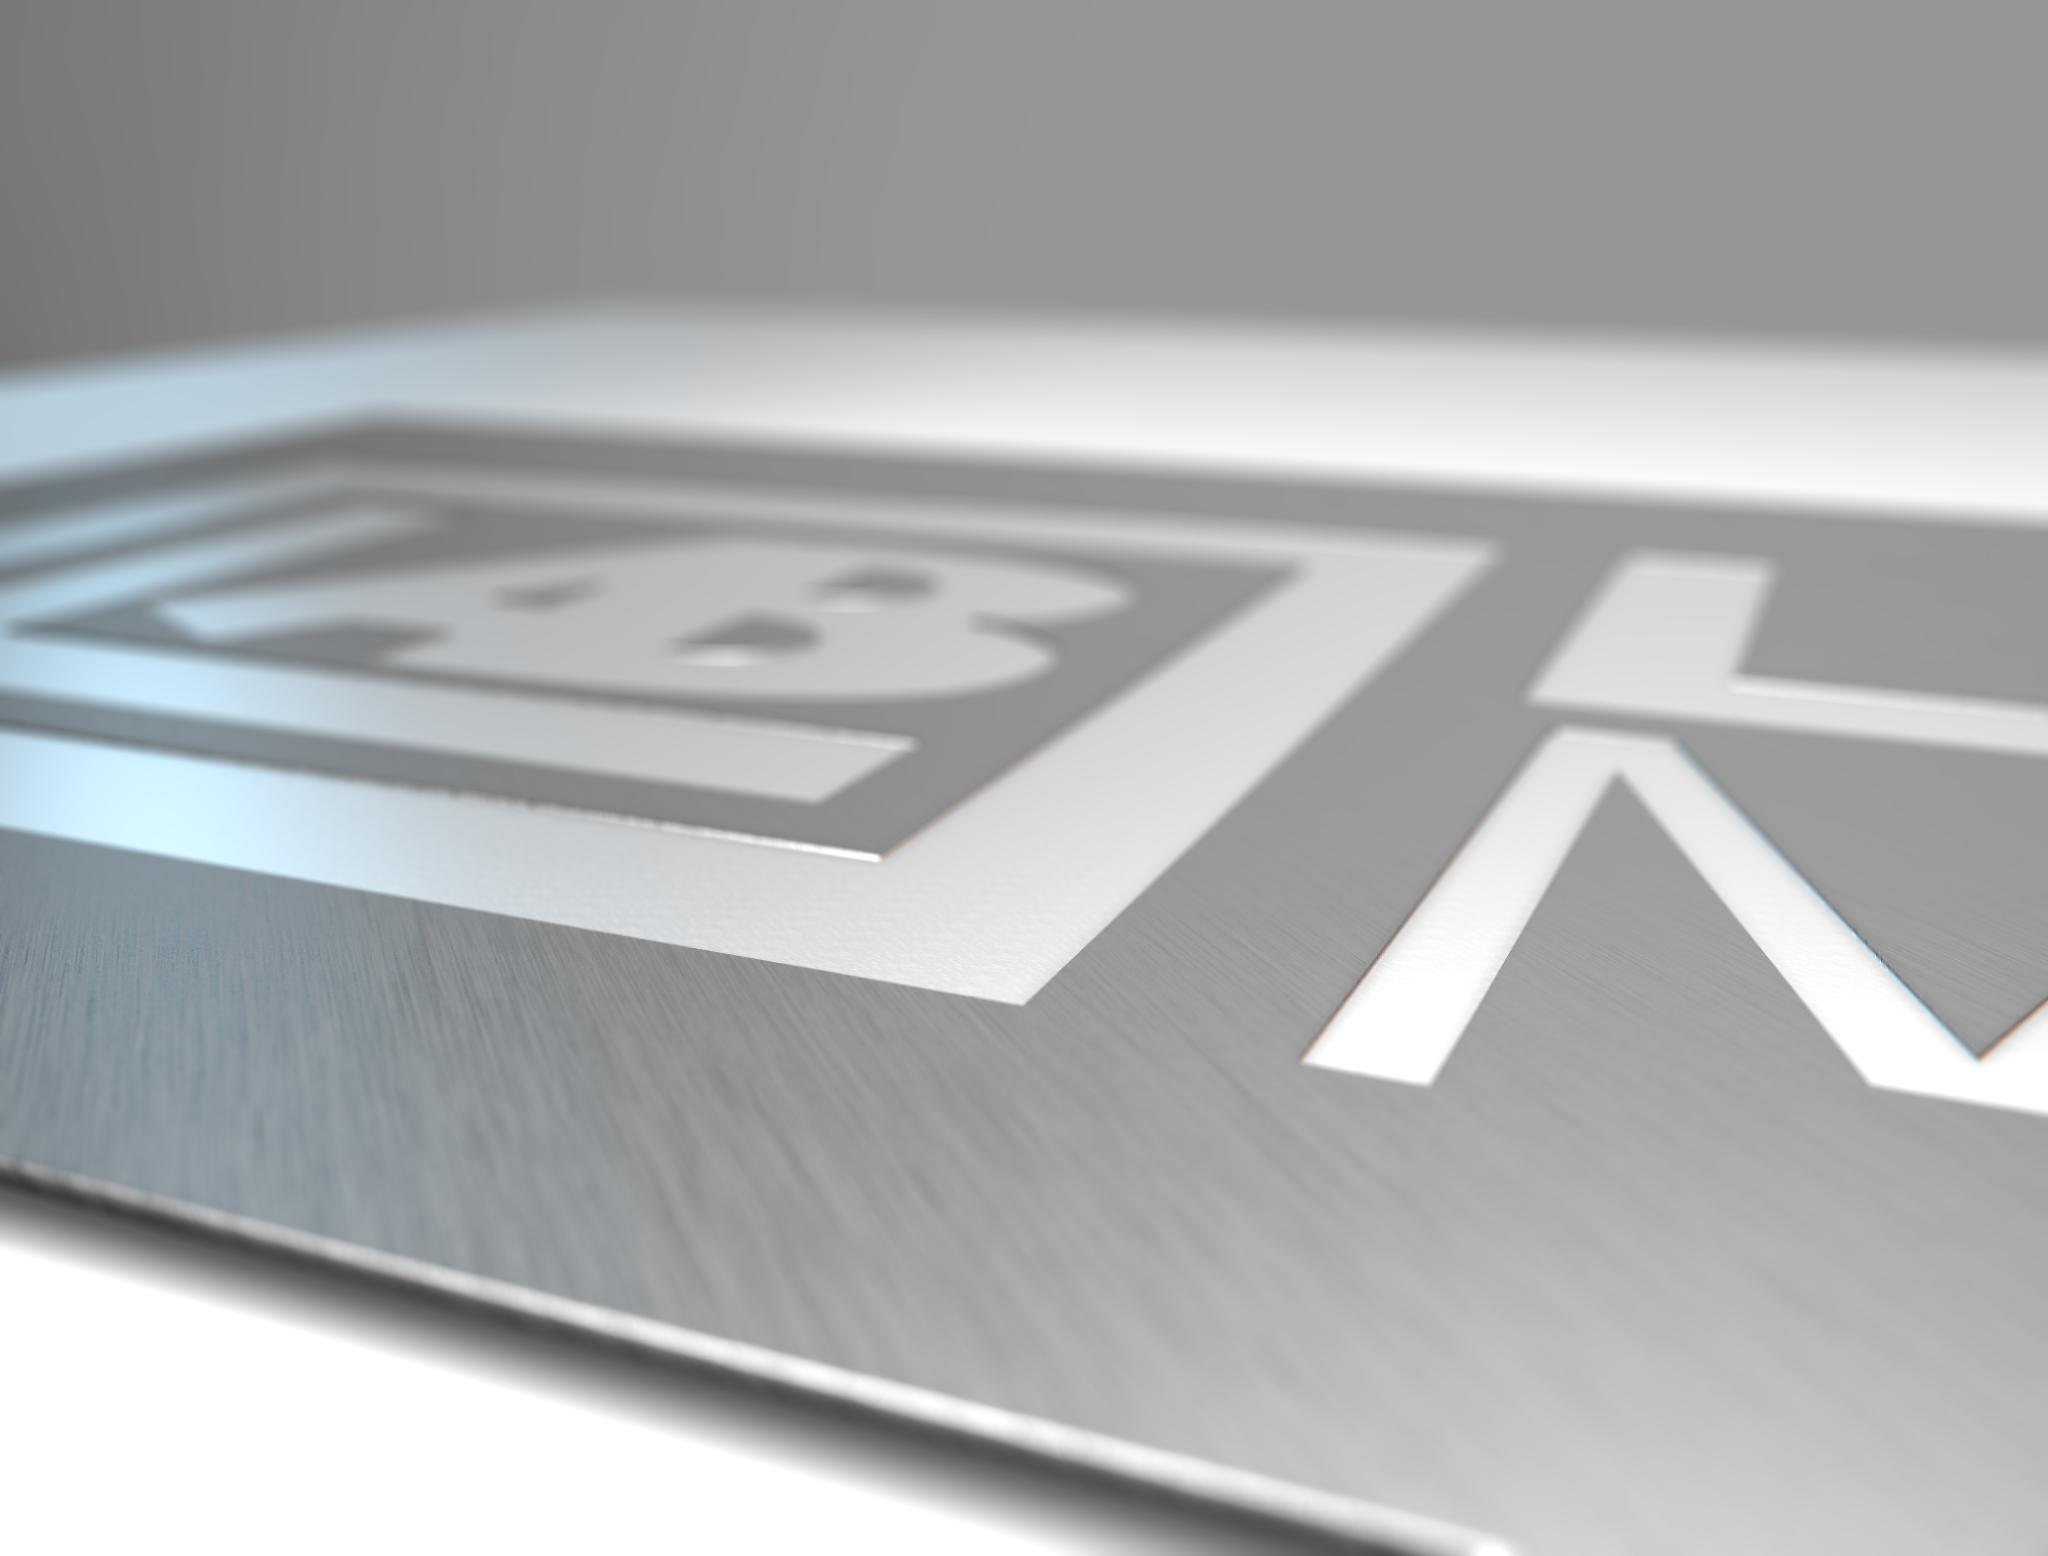 Nerezová ocel leptaná: Technologii leptání provádíme na supermiror (zrcadlový) nebo broušený plech. ...